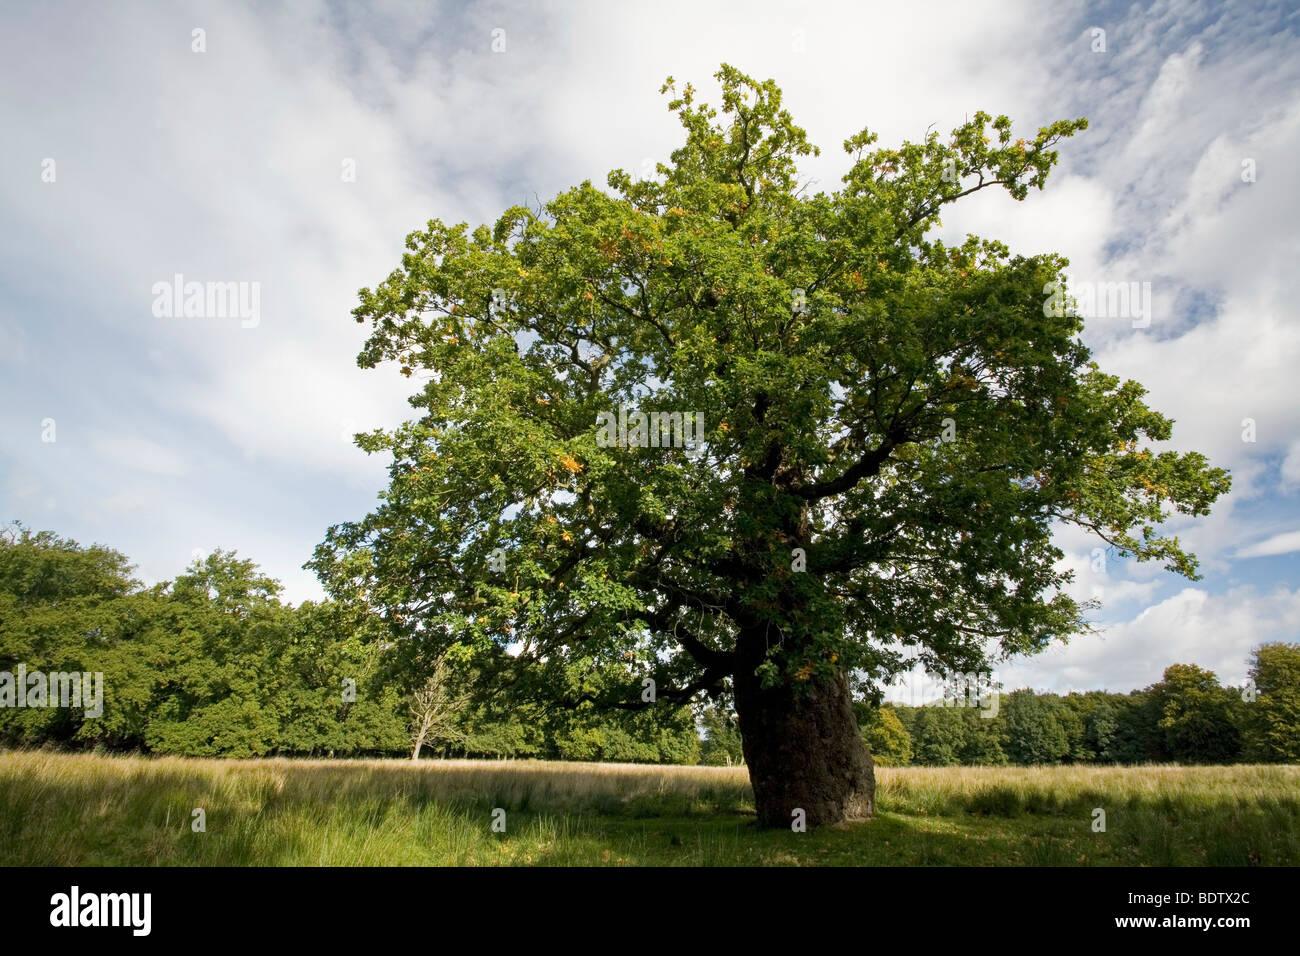 Stieleiche - (Sommereiche) / Pedunculate Oak / Quercus robur - (Quercus pedunculata) - Stock Image